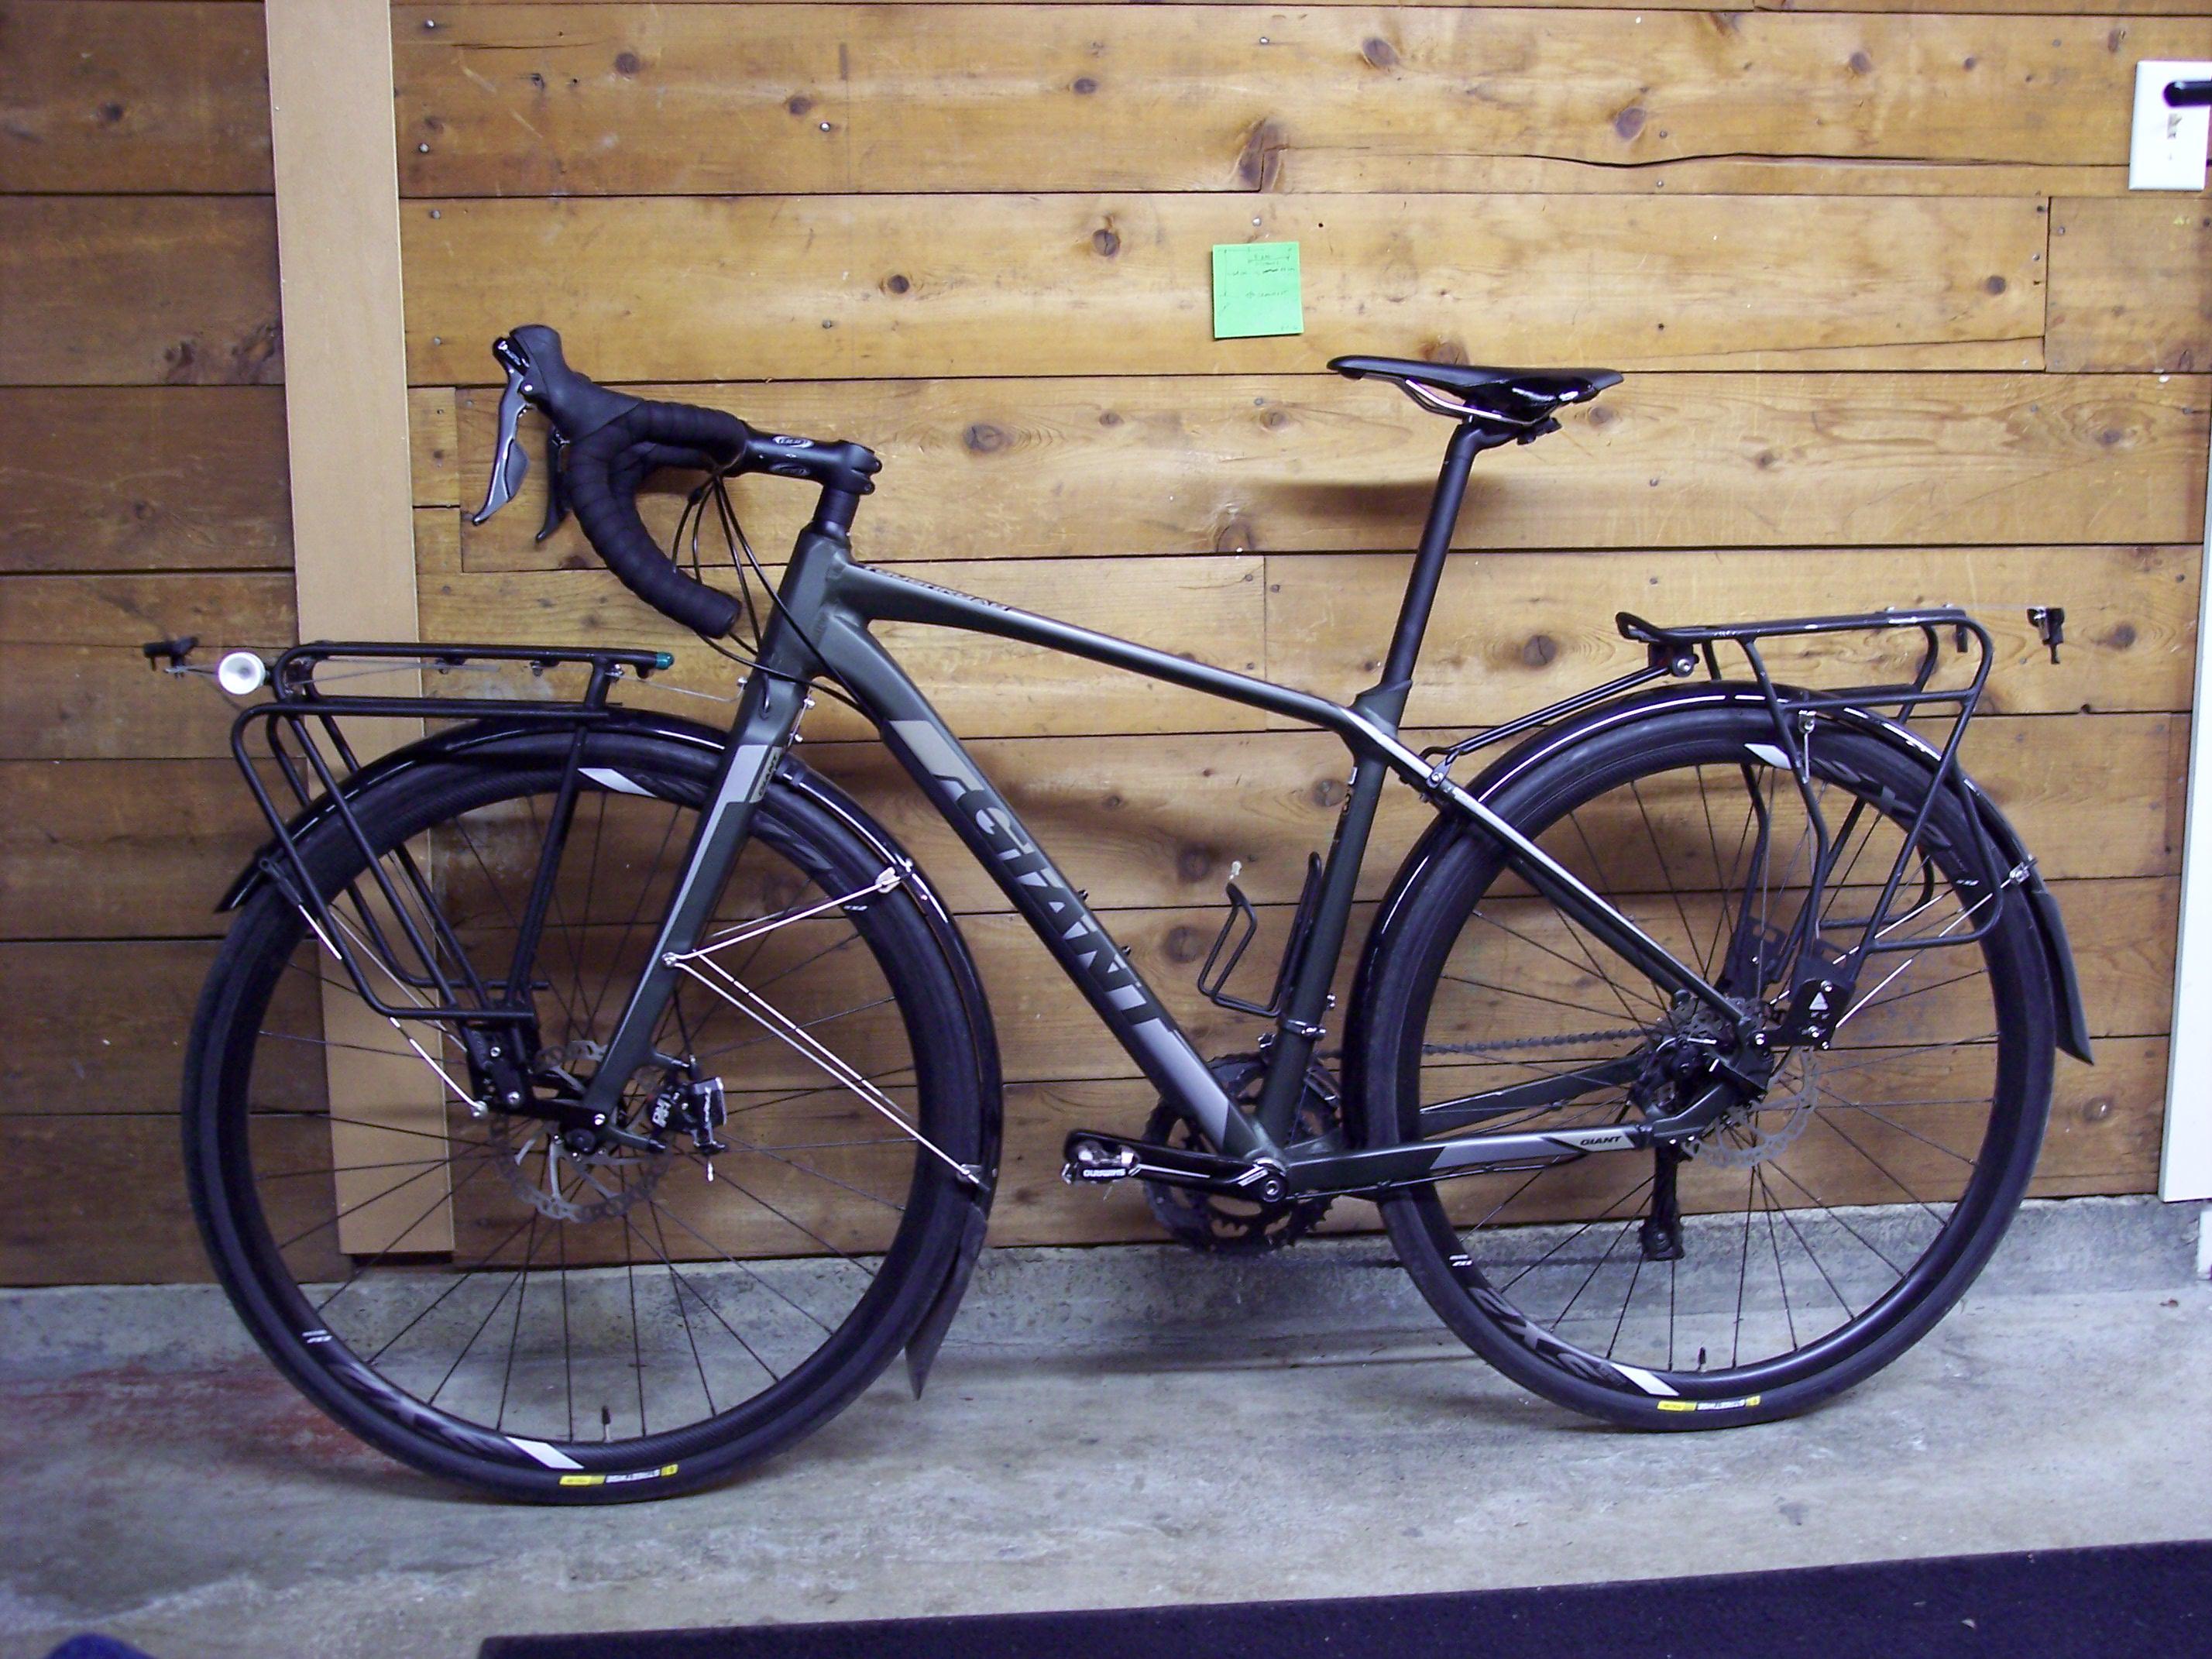 Two Wheel Gear - Giant - Commuter Bike